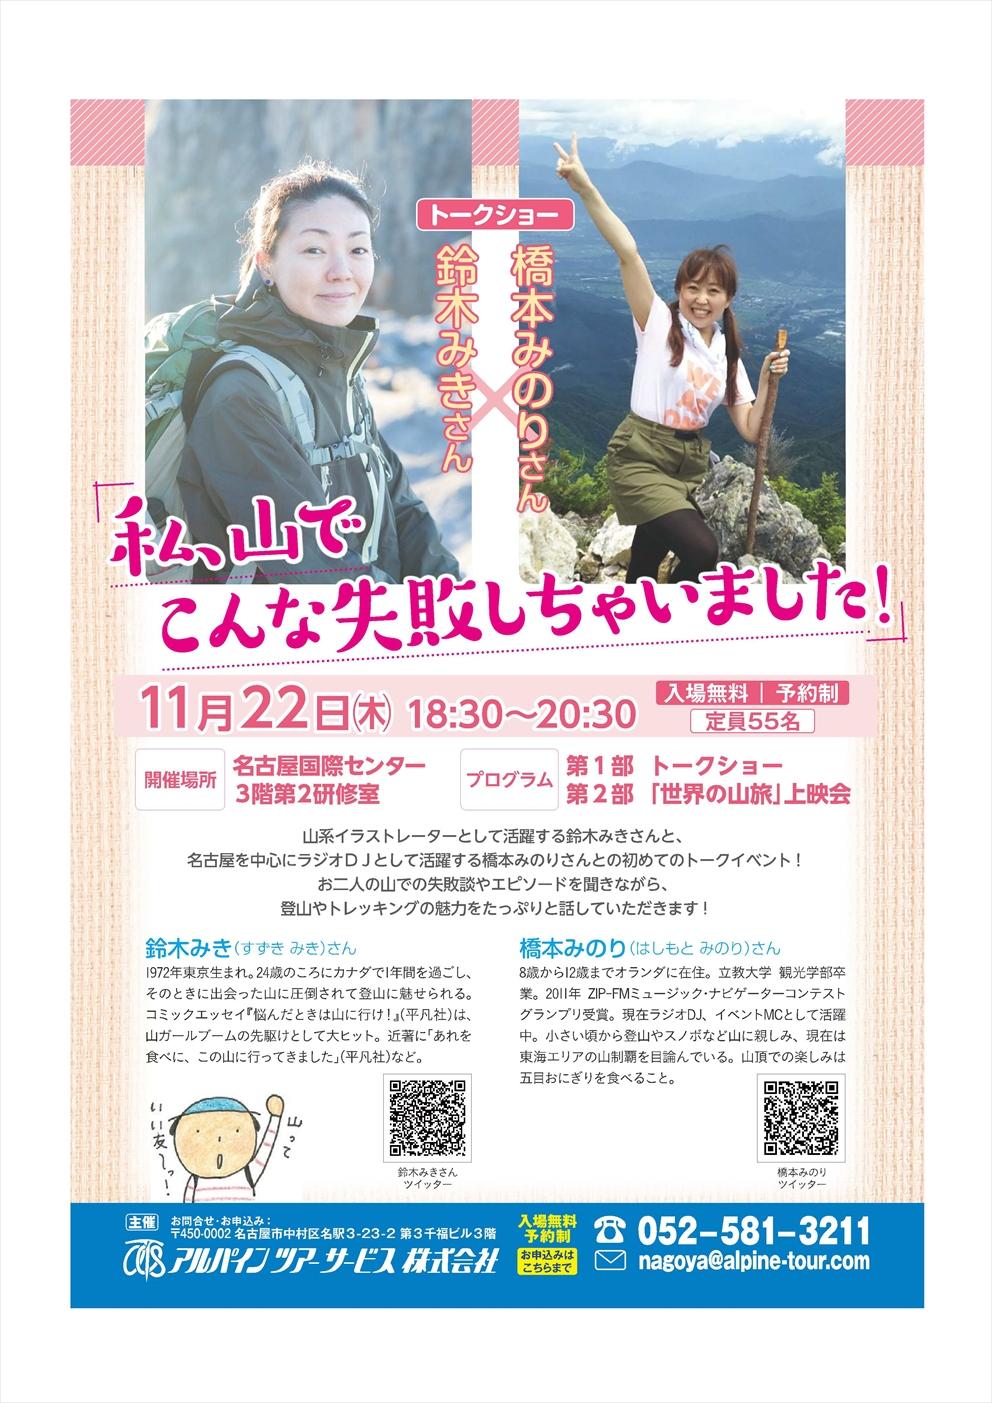 【名古屋】鈴木みきさん × 橋本みのりさん トークショー